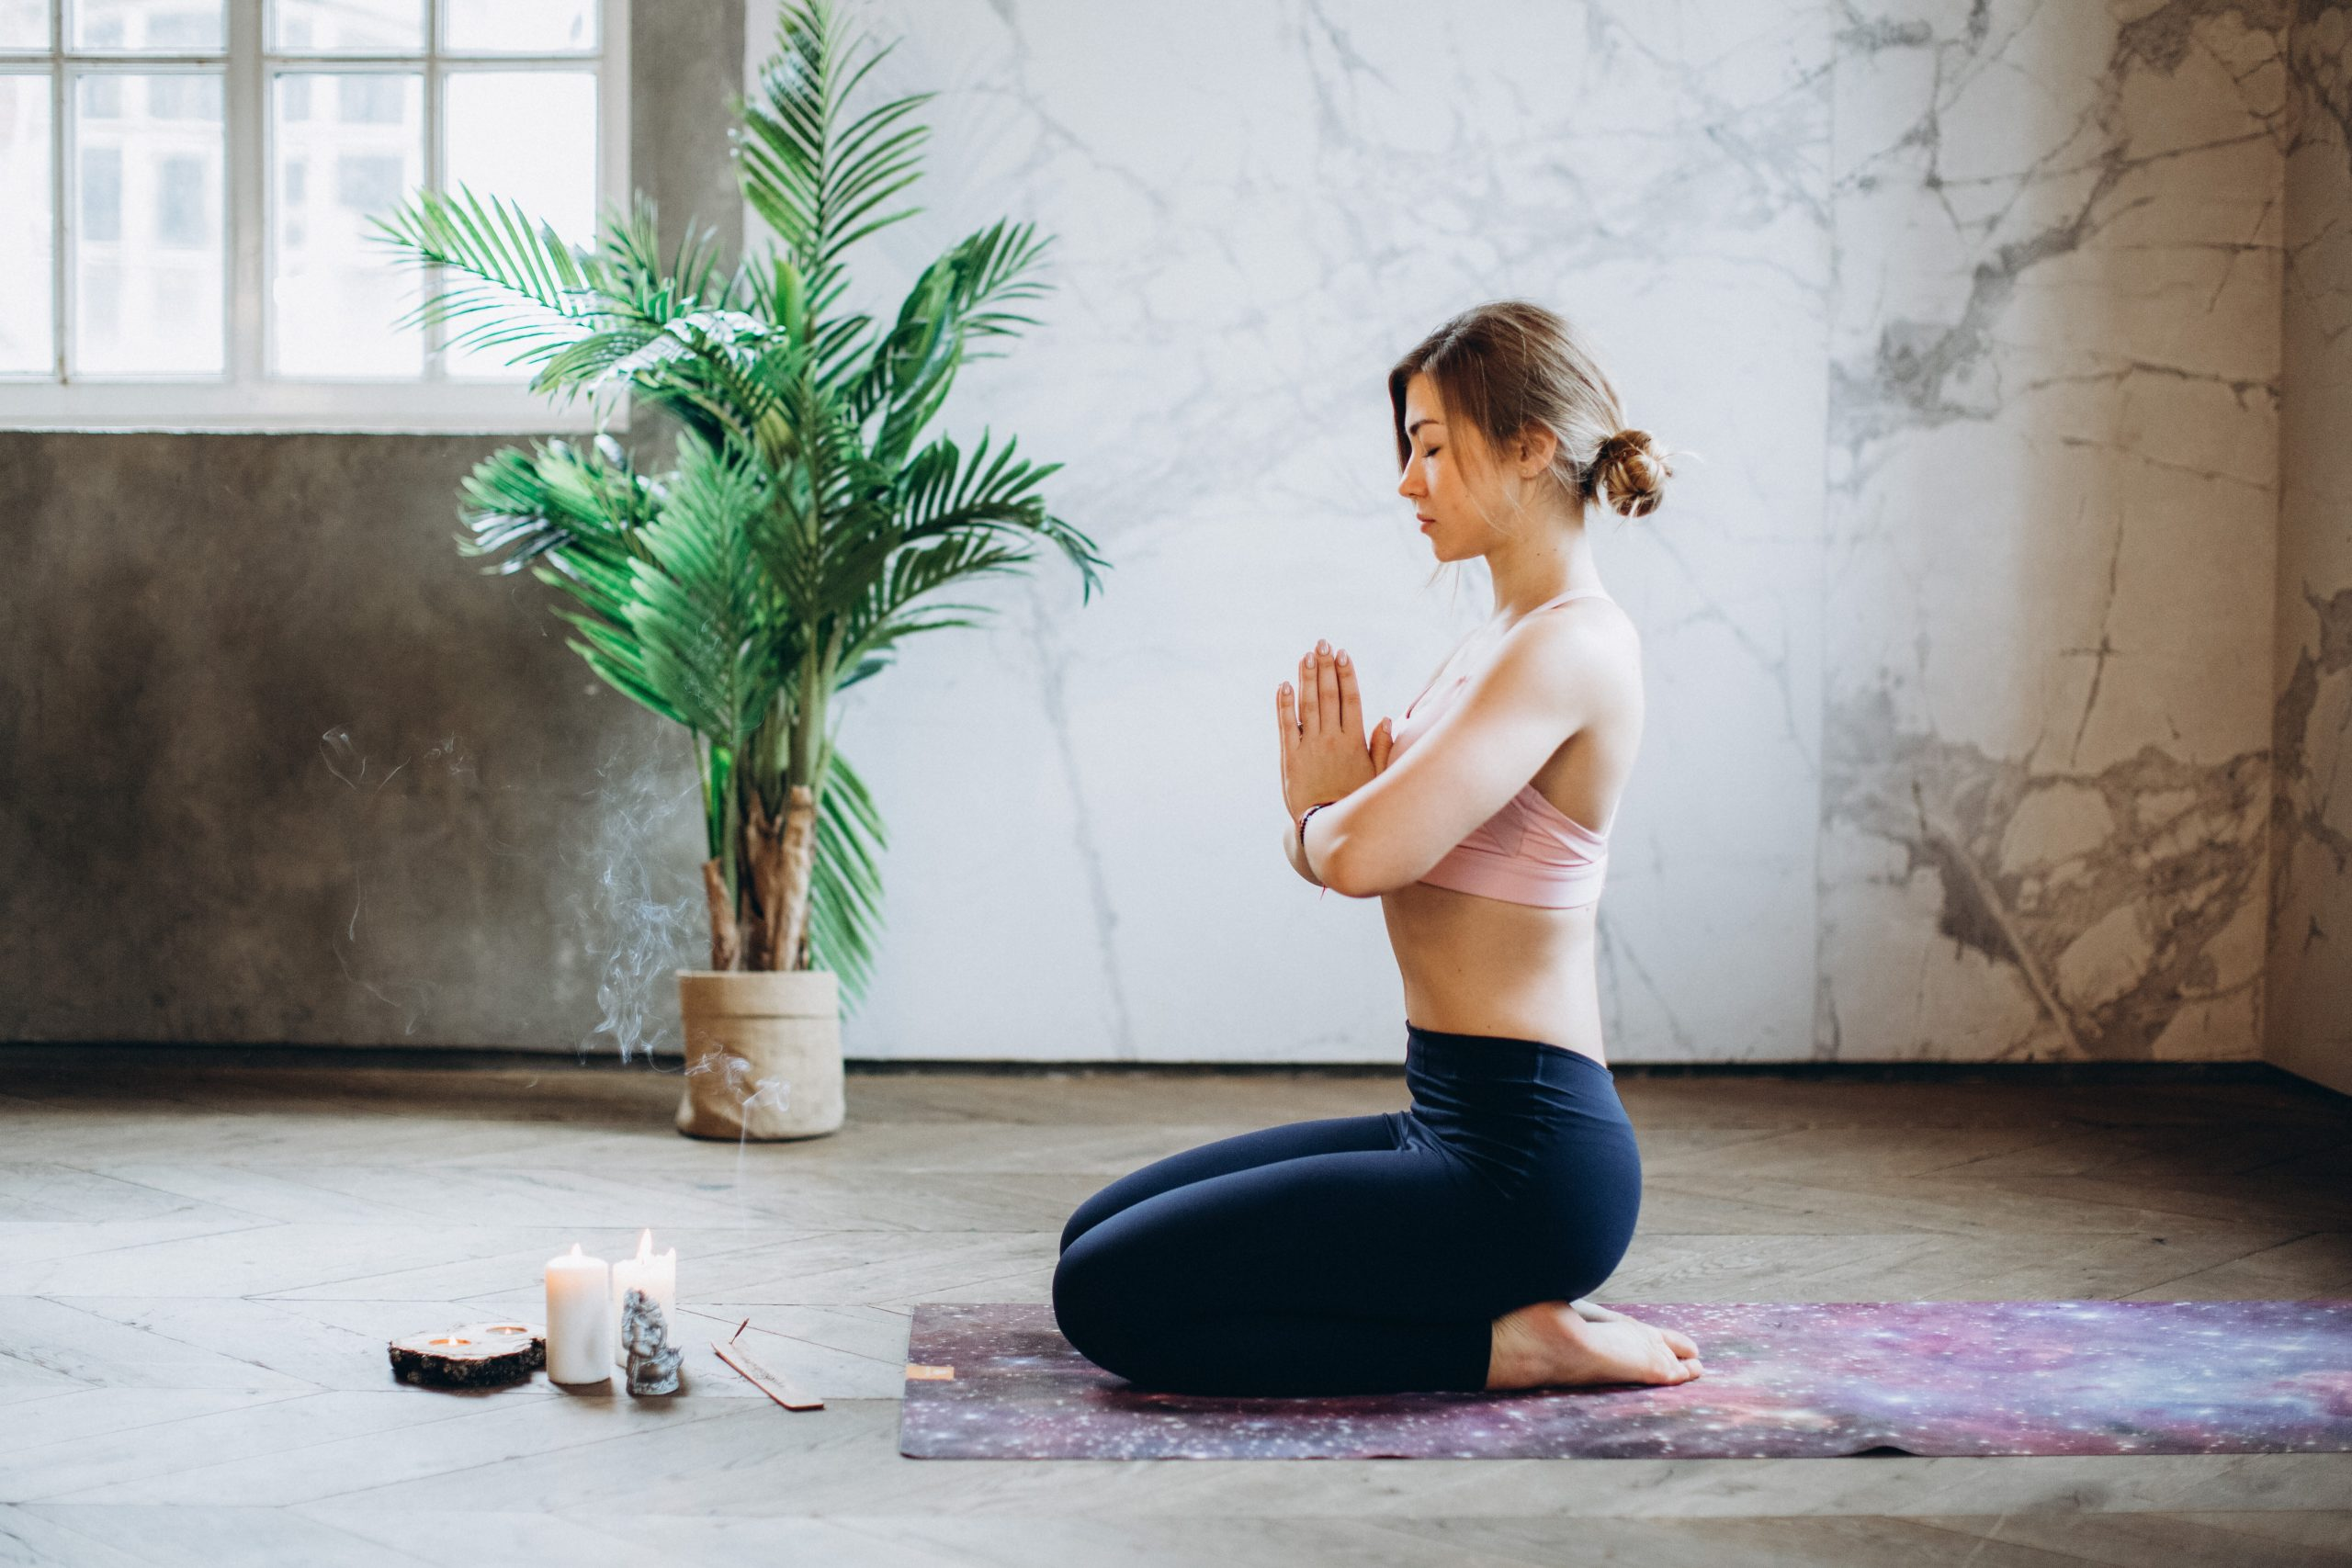 Yogalehrer & Steuern - der Onlinekurs